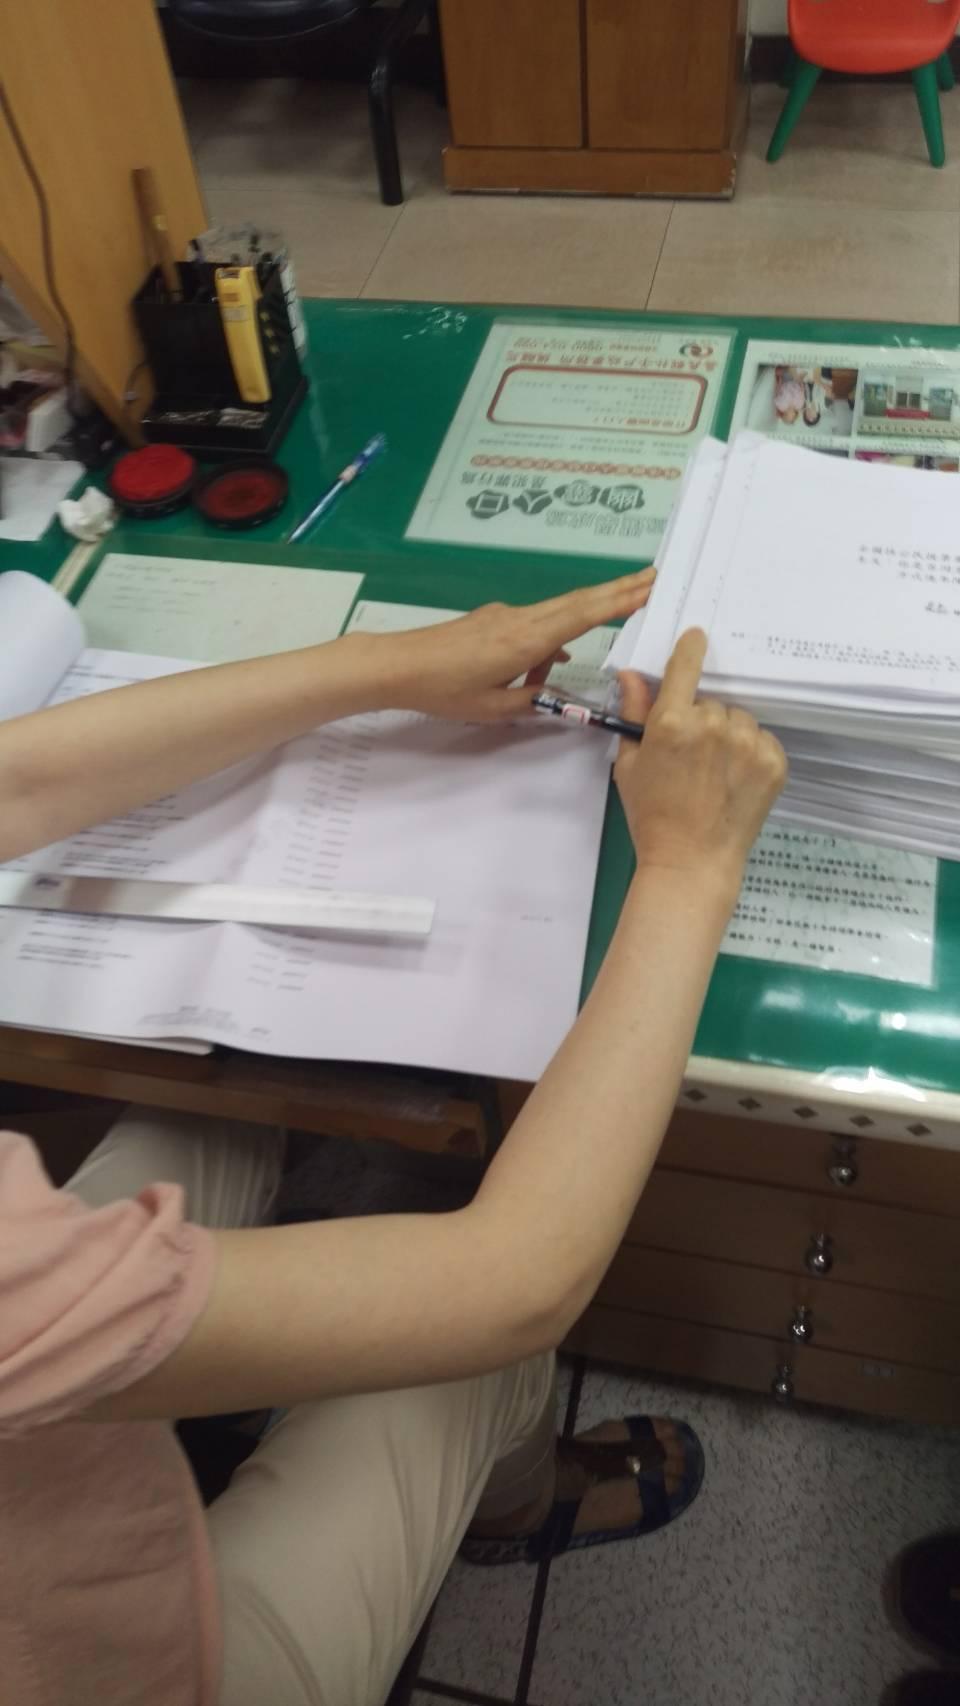 嘉義縣4個戶政所陸續收到9至10件公投案連署人名冊,戶政人員桌上擺滿一大疊待查對...